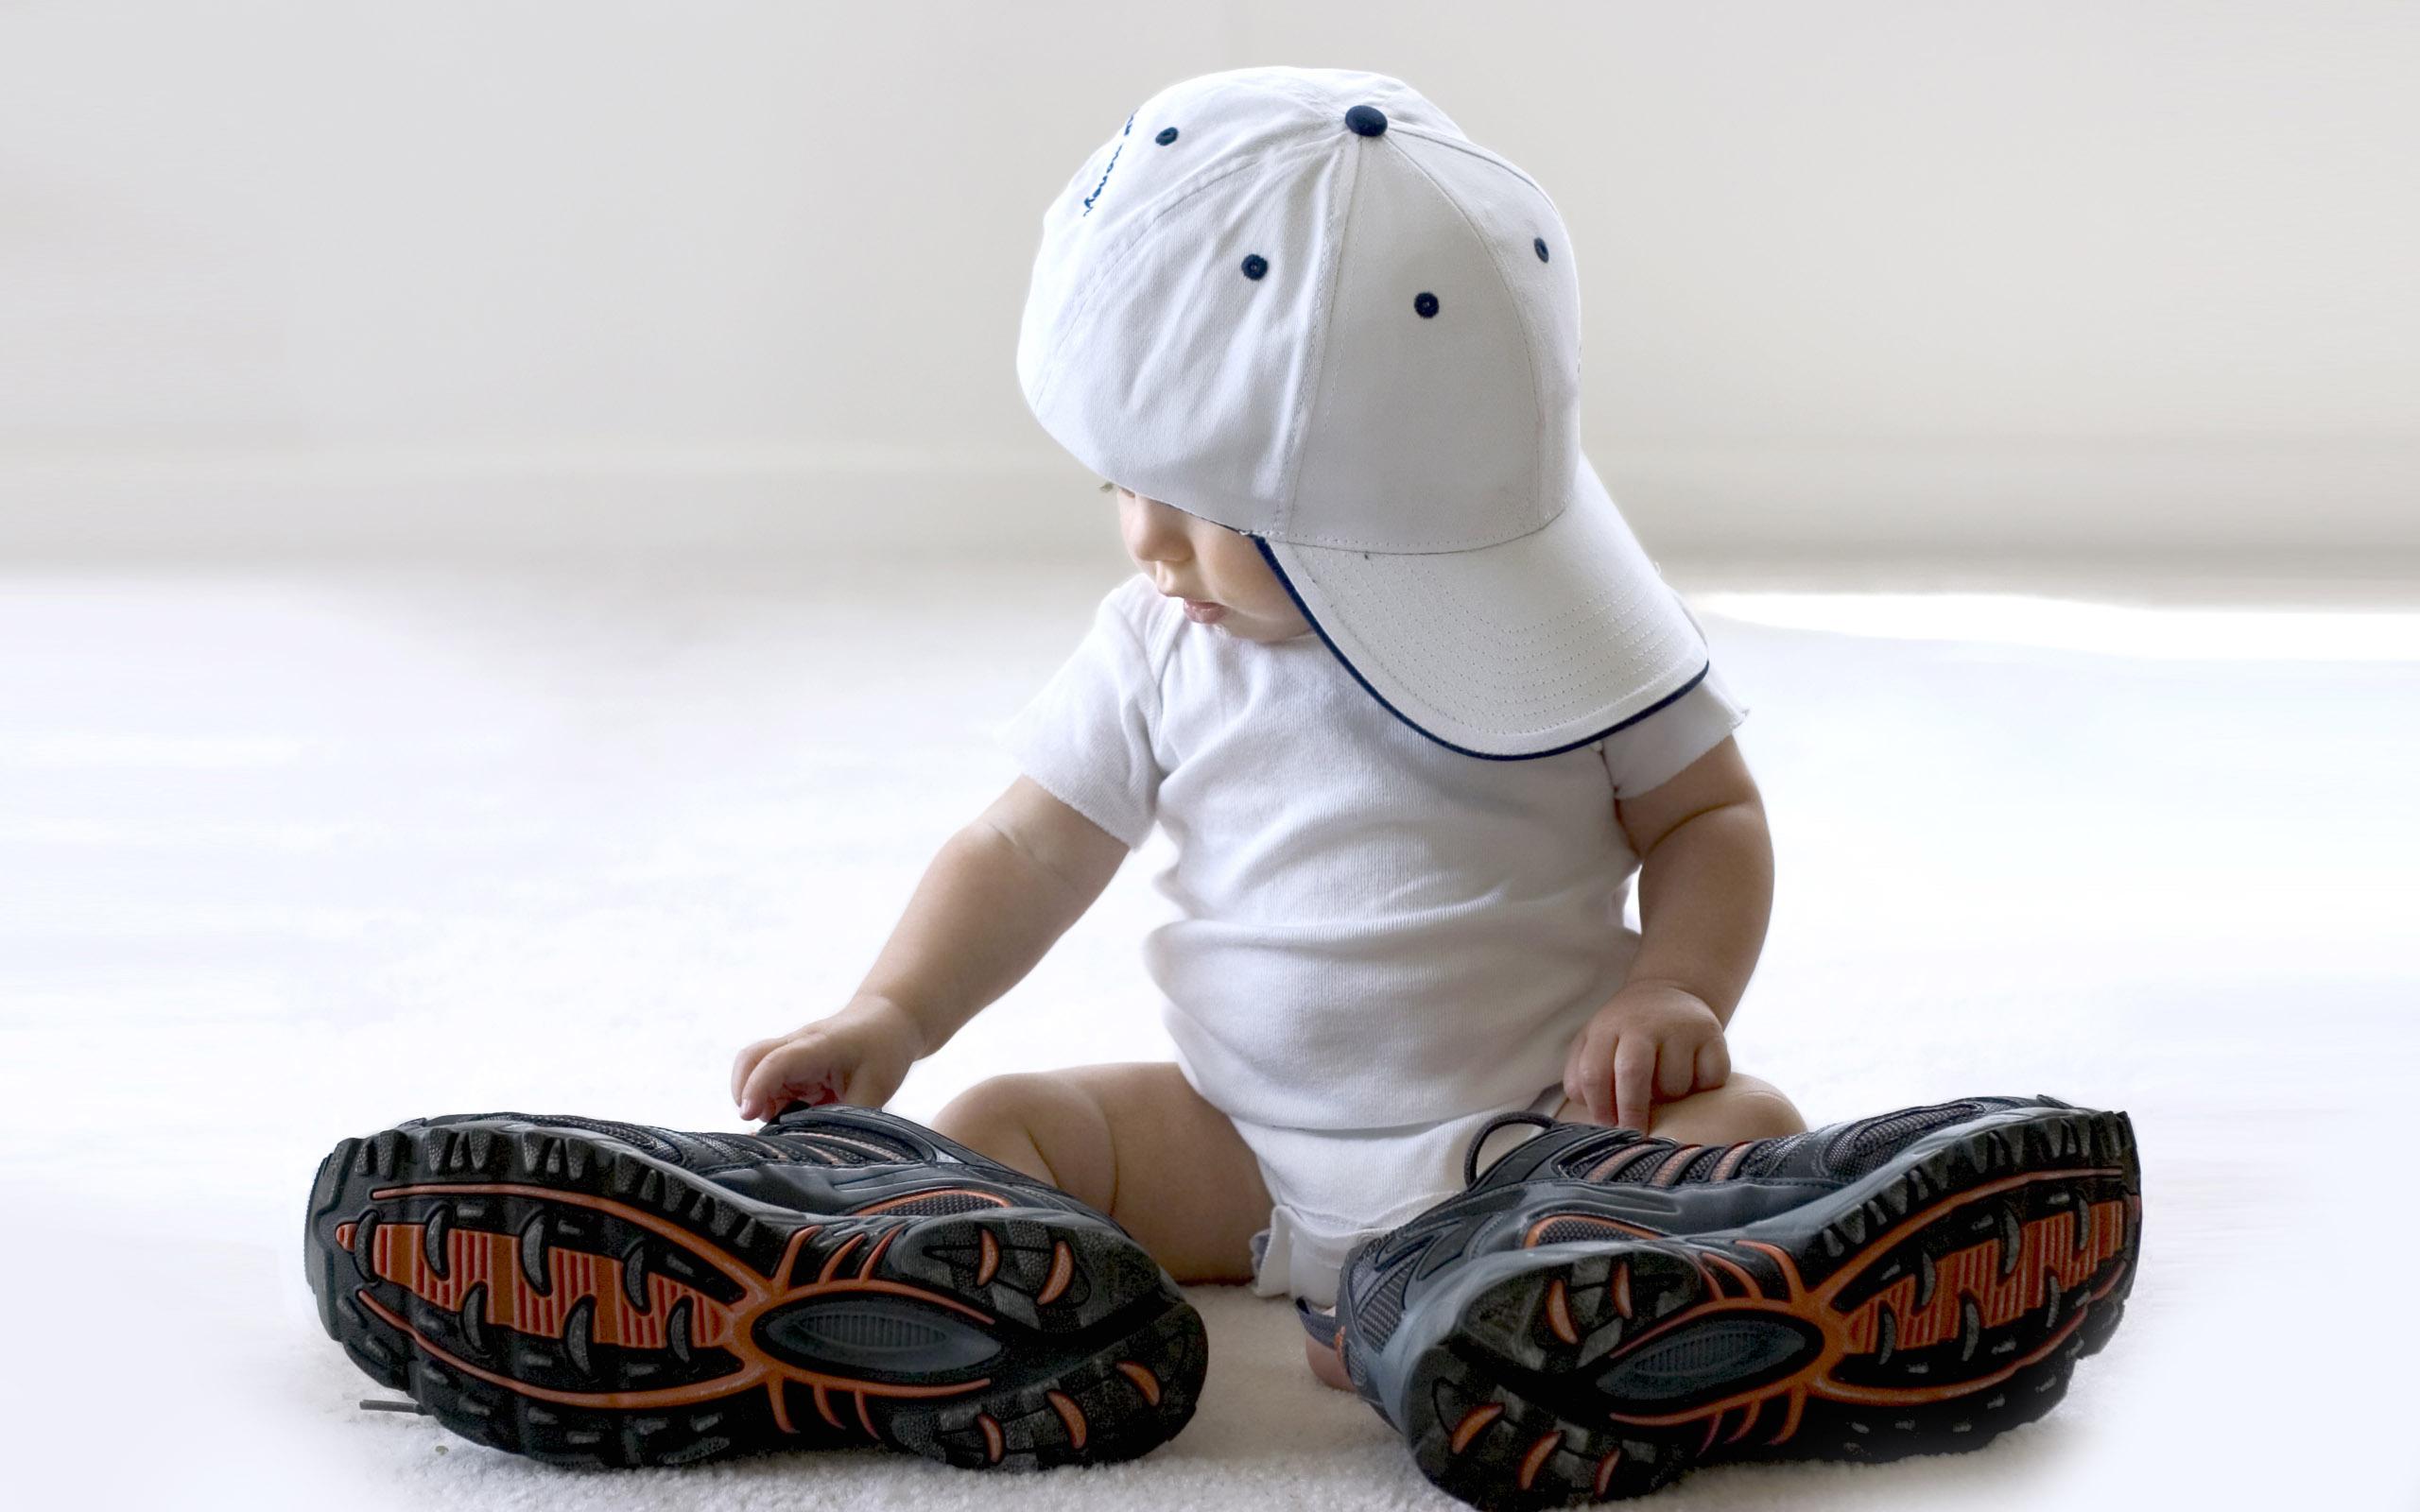 Детская обувь должна быть по размеру